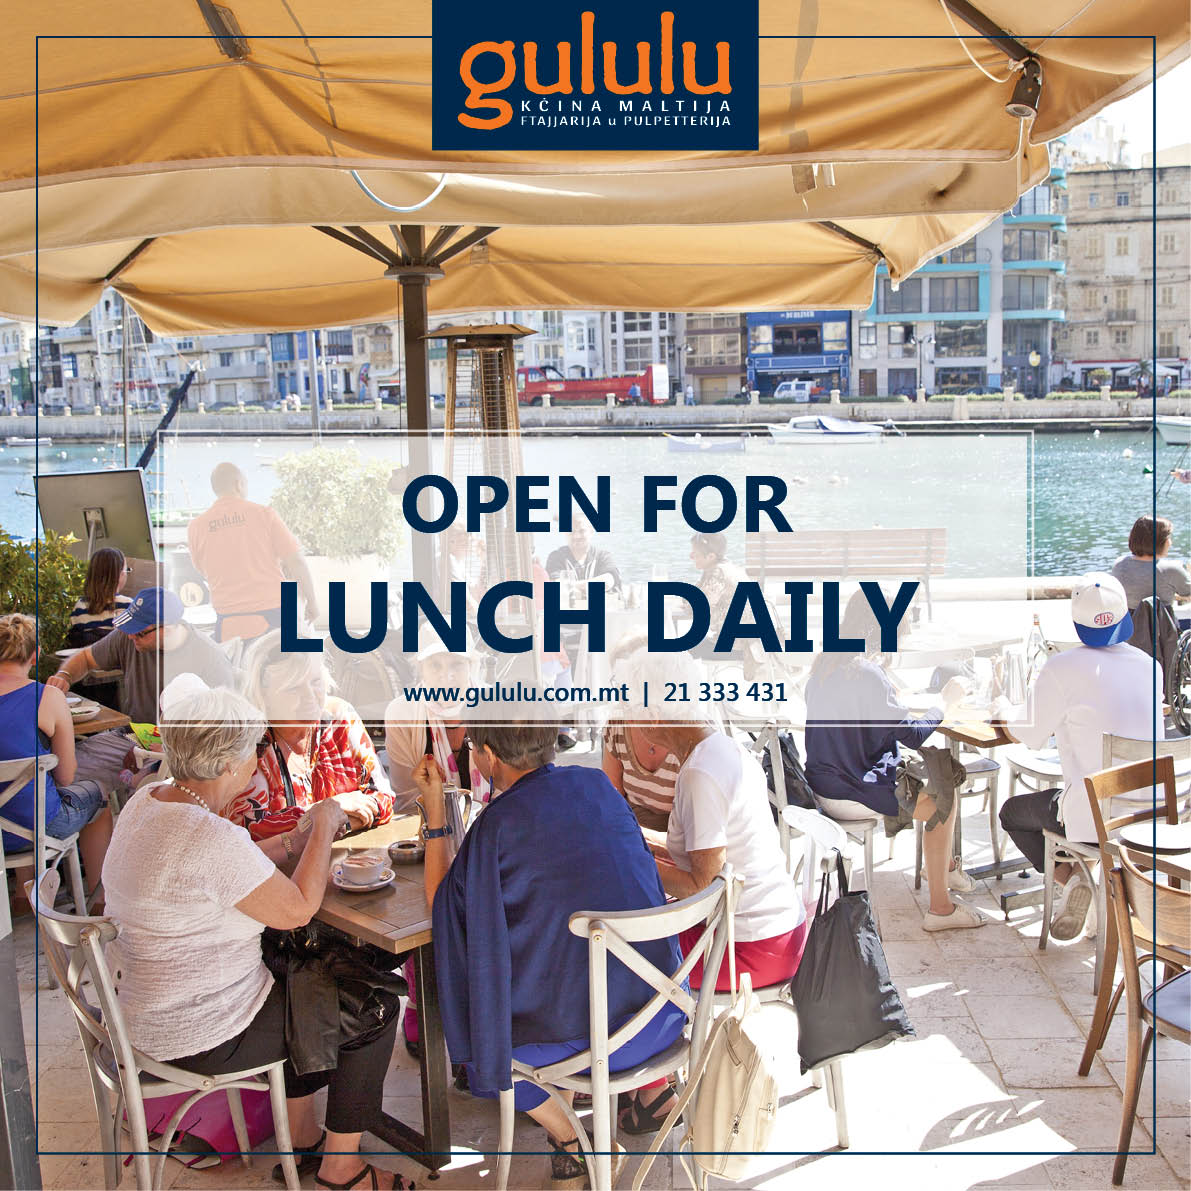 Gululu FB lunch advert